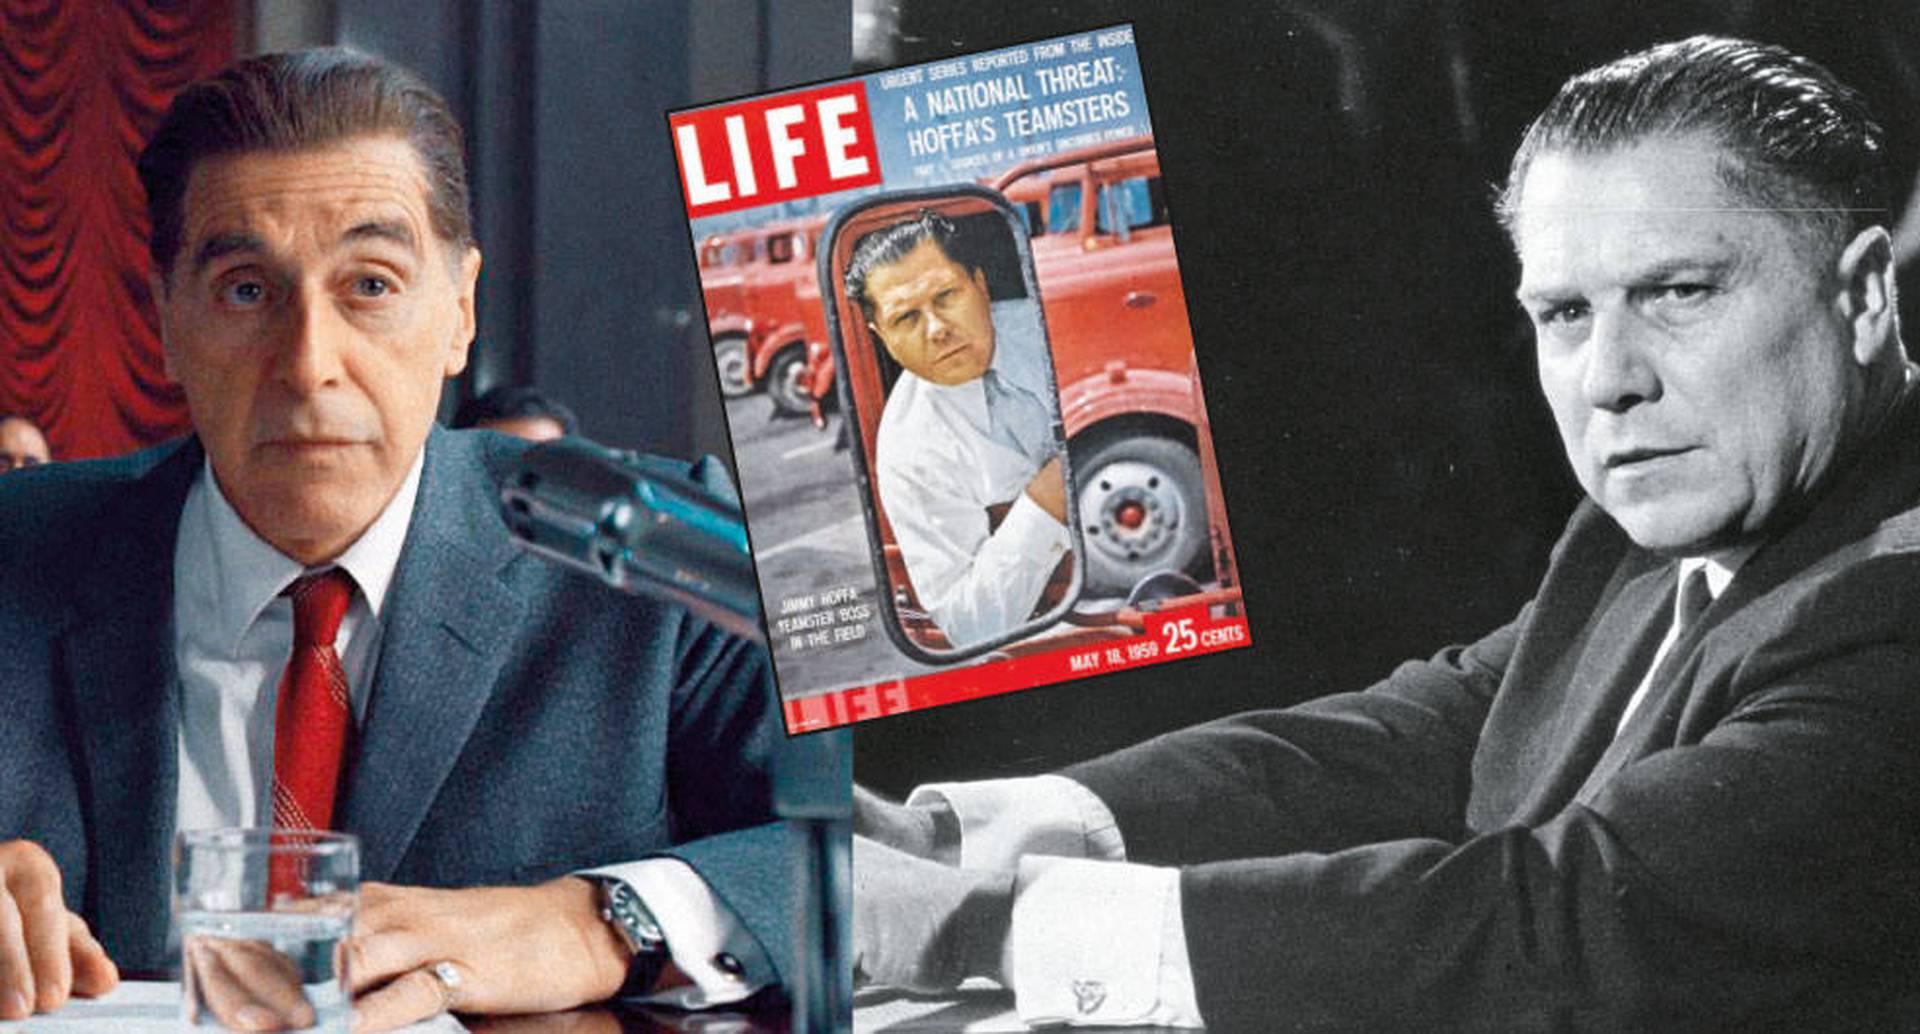 Hoffa, interpretado en la película por Al Pacino, dirigió el sindicato de camioneros y fue una figura importante en la política norteamericana de mediados del siglo XX.